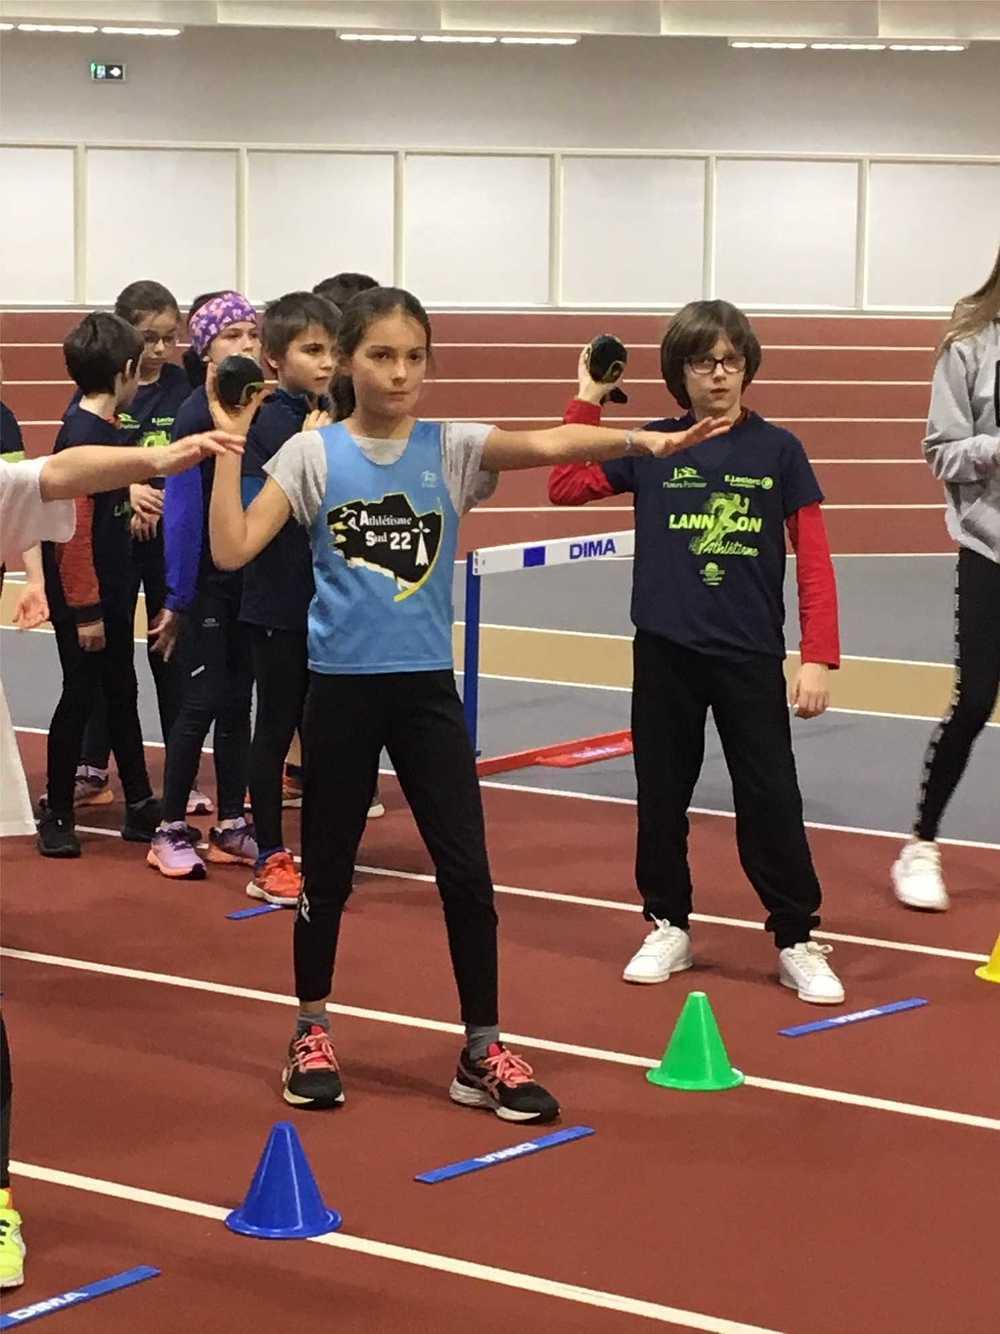 JSP Athlétisme : photos de la rencontre départementale image5